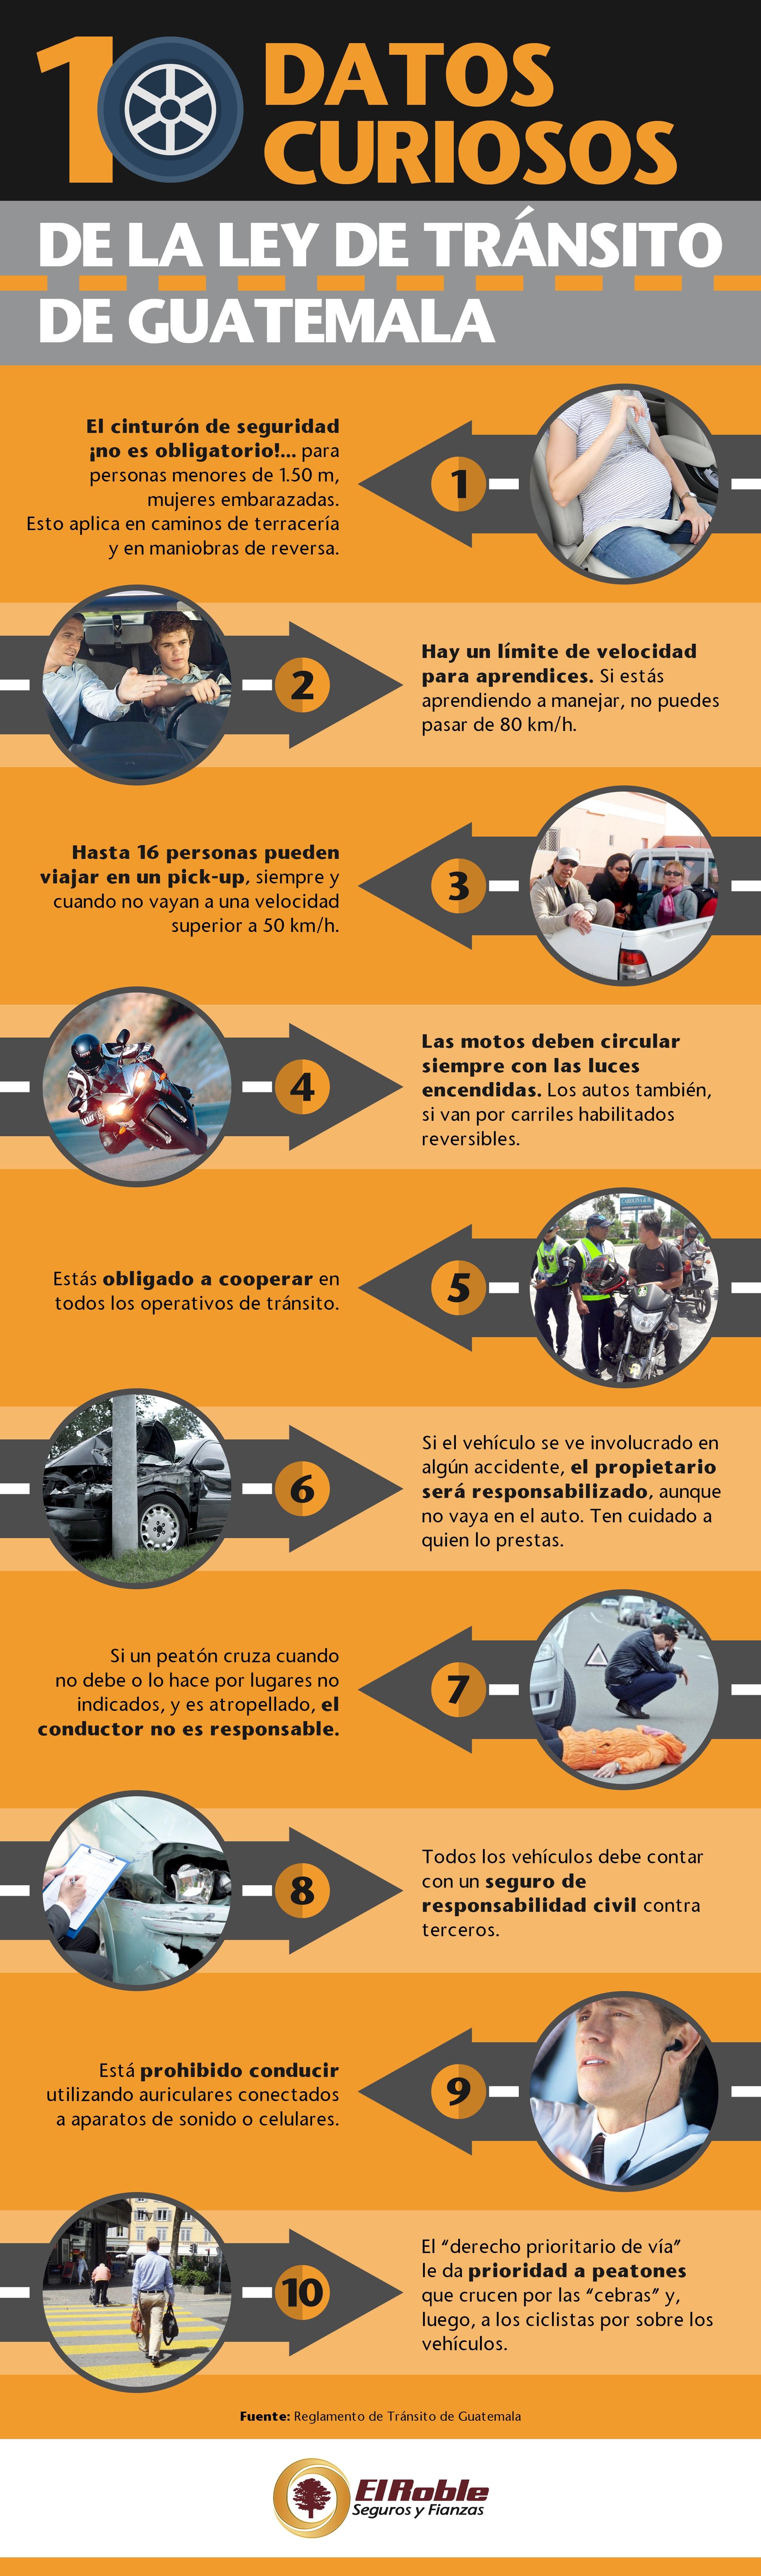 infografia_2_datos_curiosos_de_transito